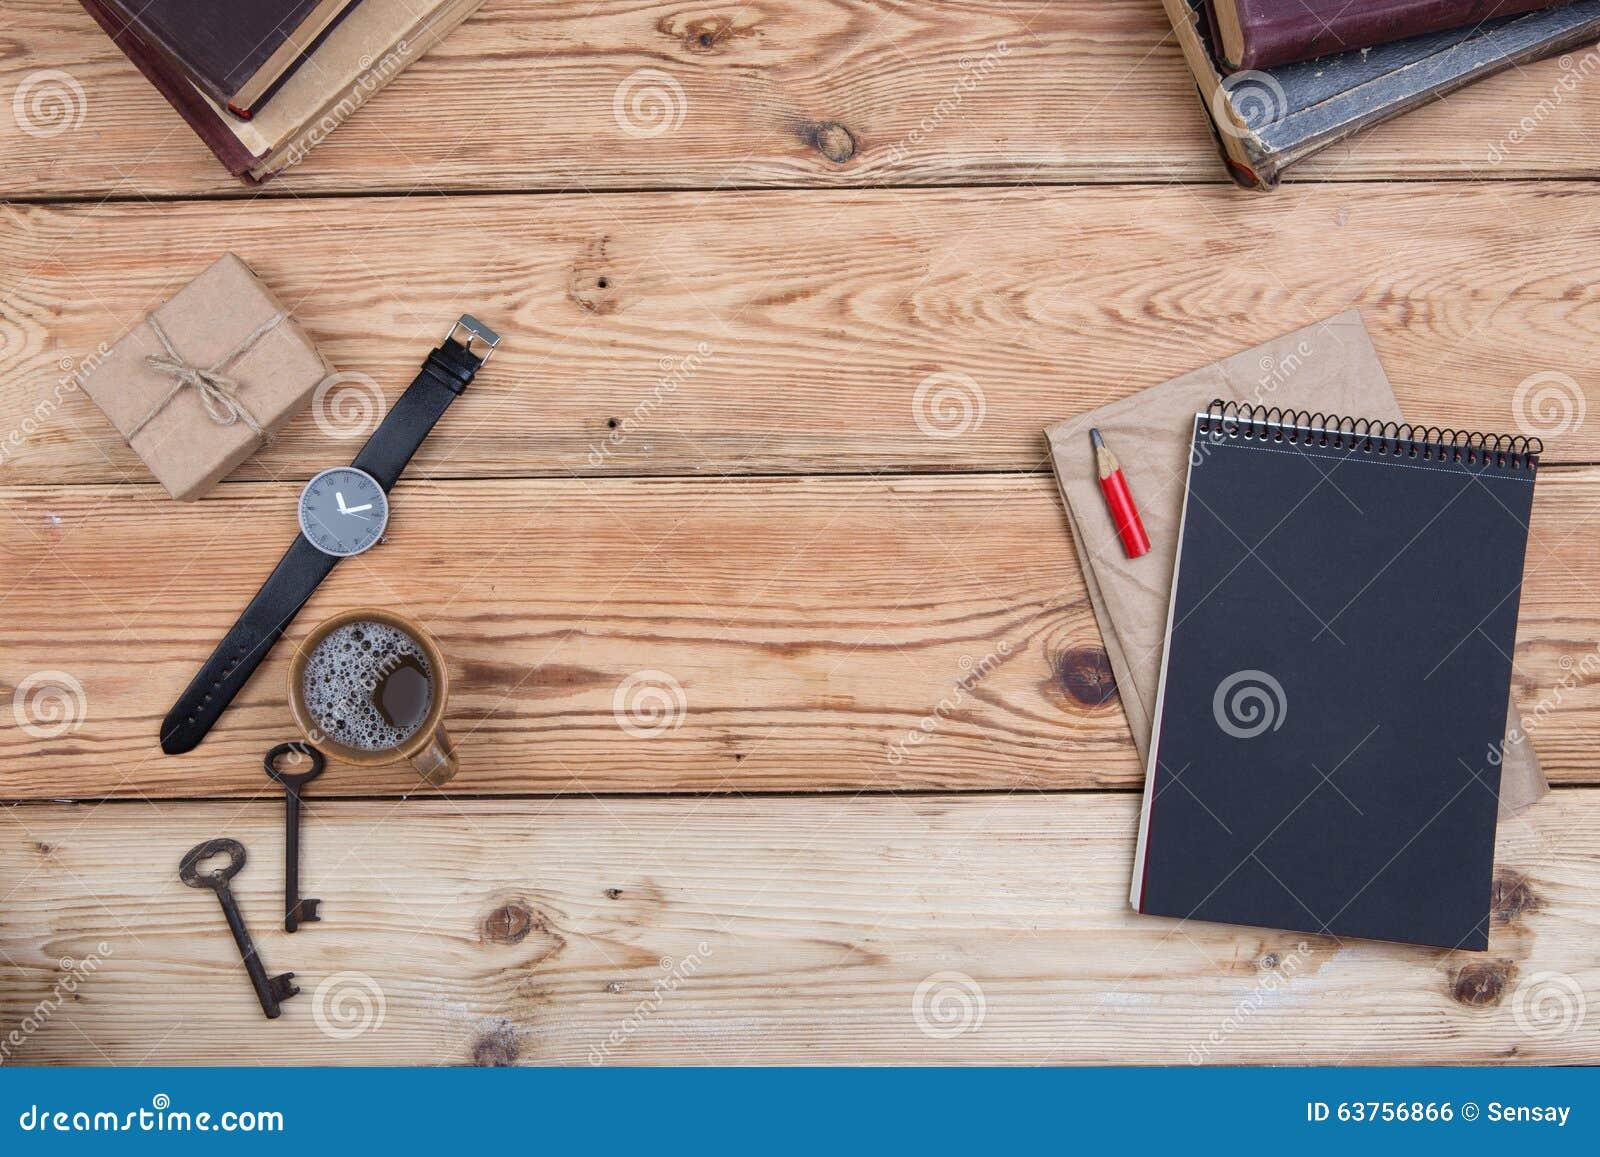 Wooden Desktop